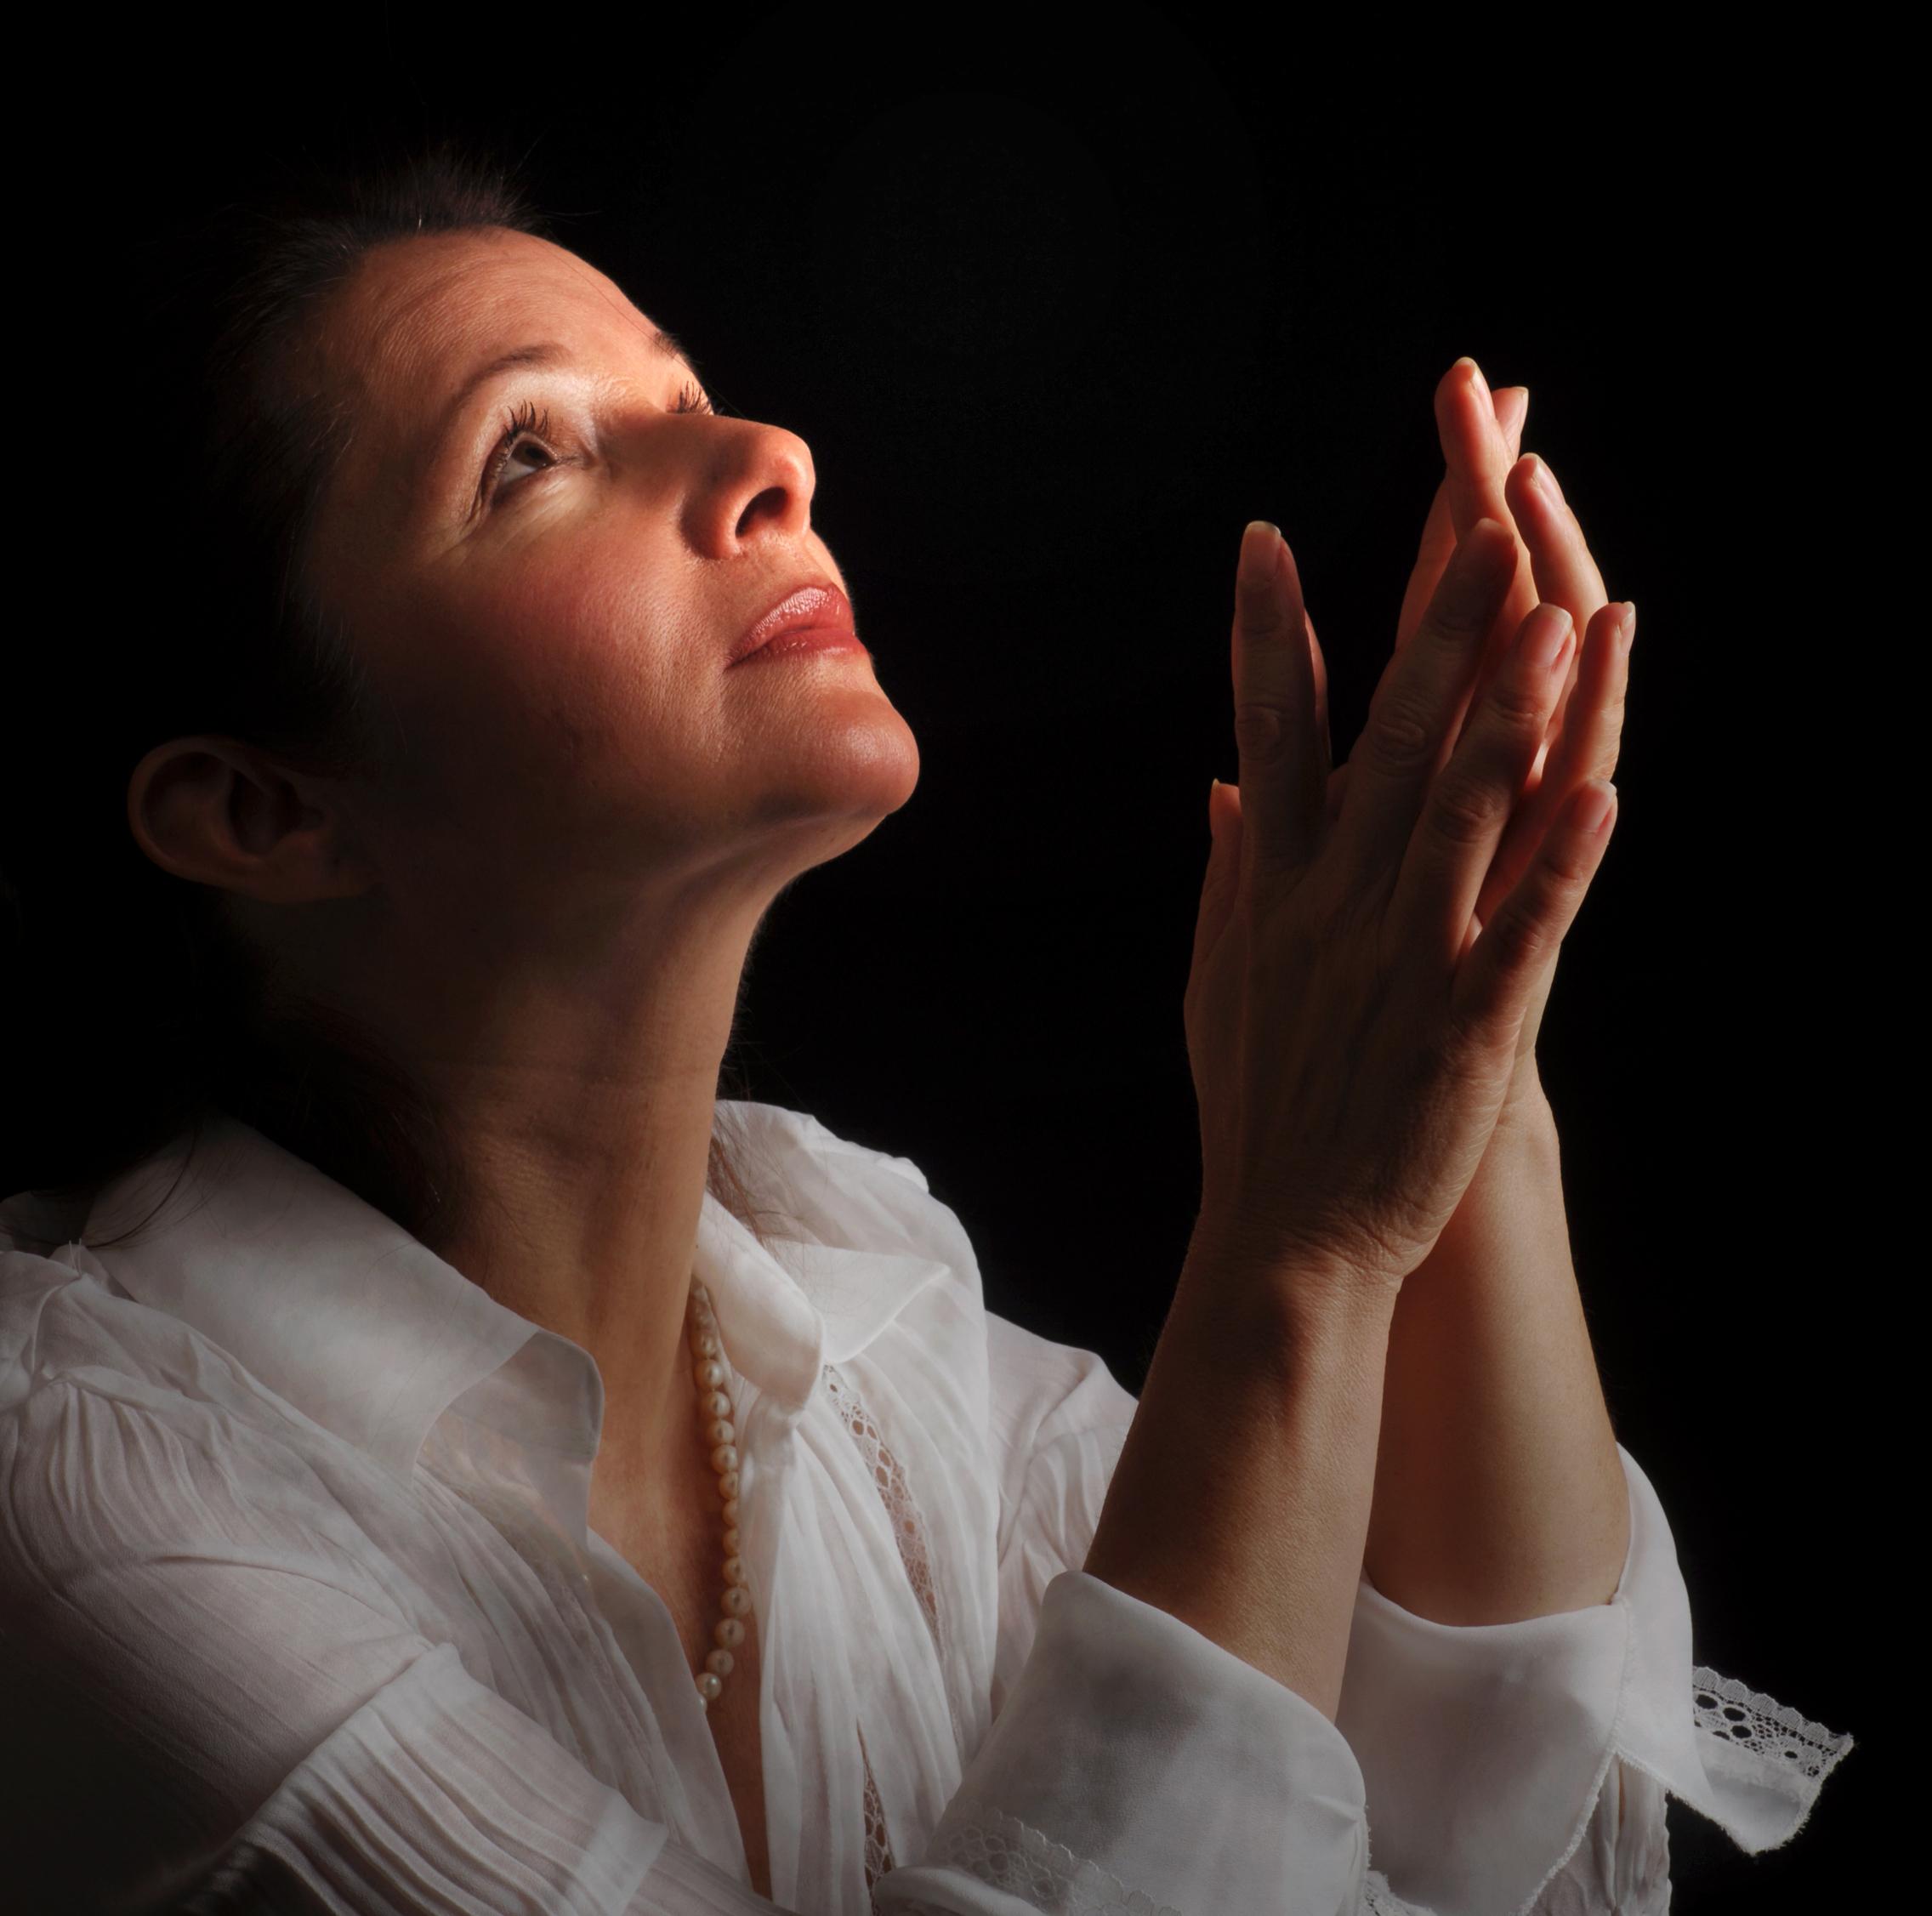 Pourquoi les incroyants prospèrent-ils et que les chrétiens sont-ils souvent dans la souffrance ? Woman-praying1